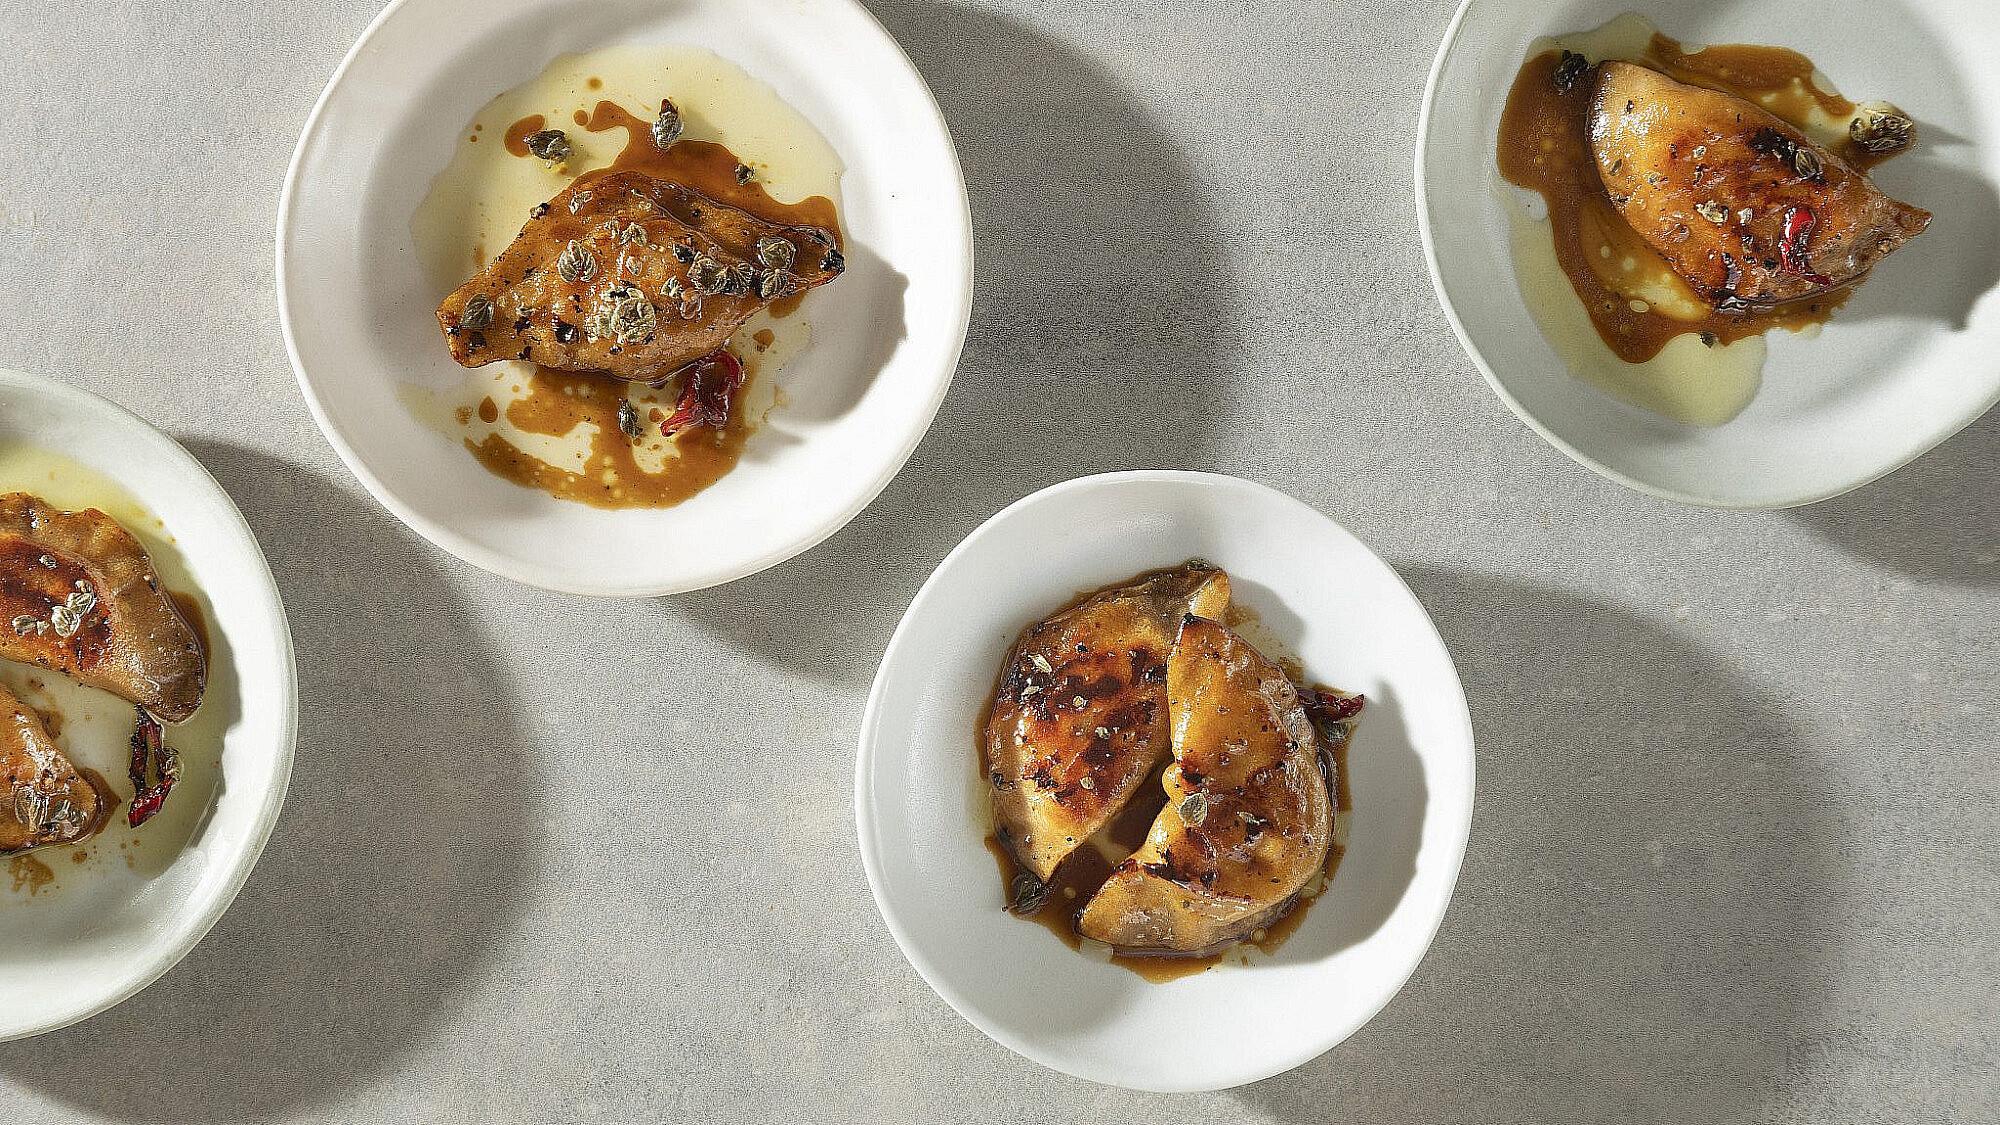 כיסני תפוחי עץ, כרוב וגרגירי חרדל של רינת צדוק. צילום: דניאל לילה